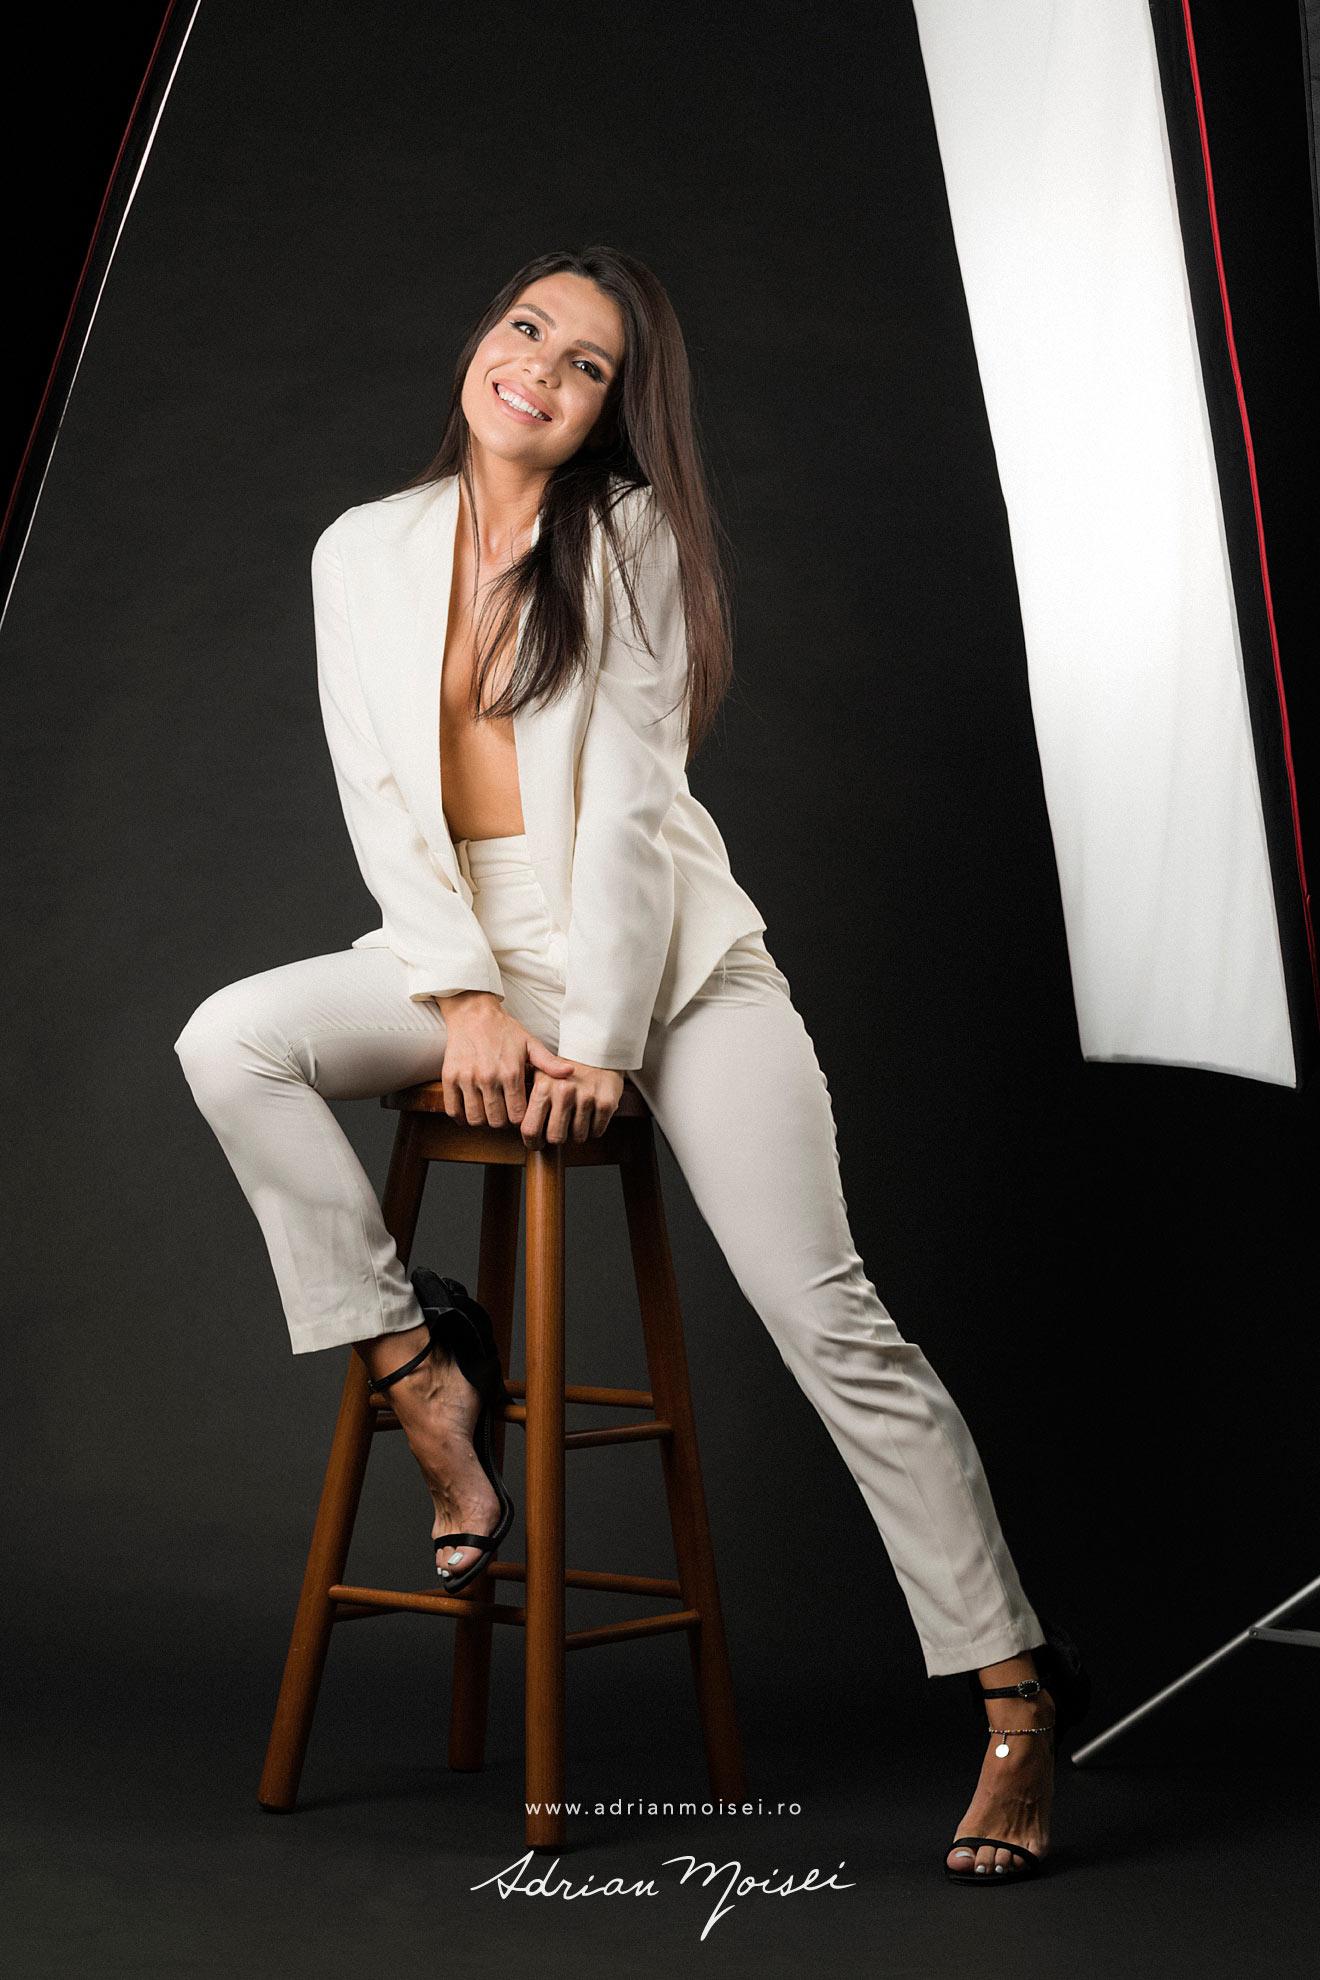 Fotograf fashion Iasi - fotografie cu modela frumoasa in studio, pe fundal negru - studio foto Adrian Moisei